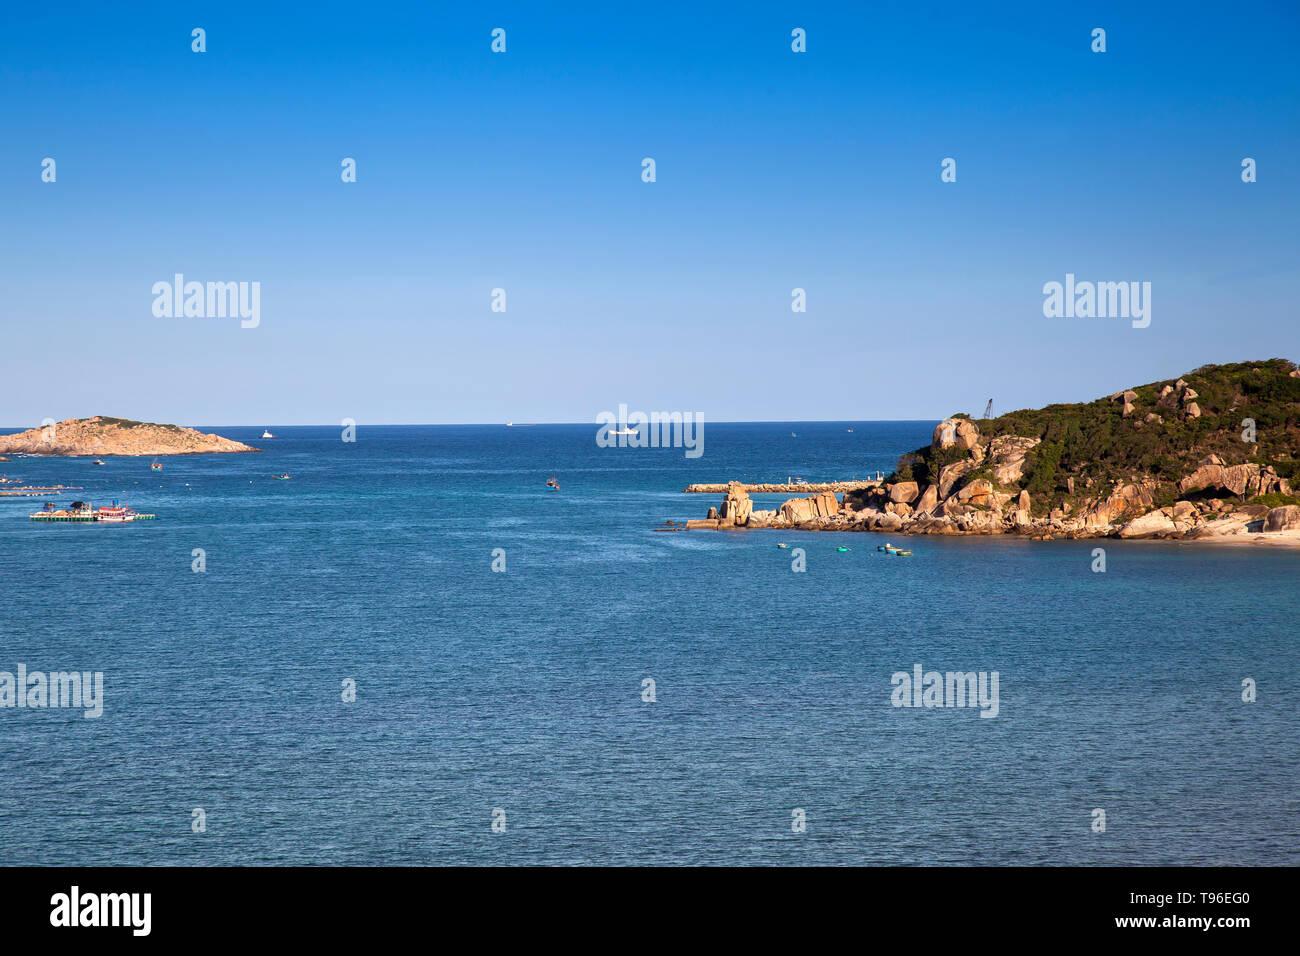 Rocky coast landscapelook at island Binh Houng at Vinh Hy, South China Sea,Ninh Thuan, Vietnam - Stock Image